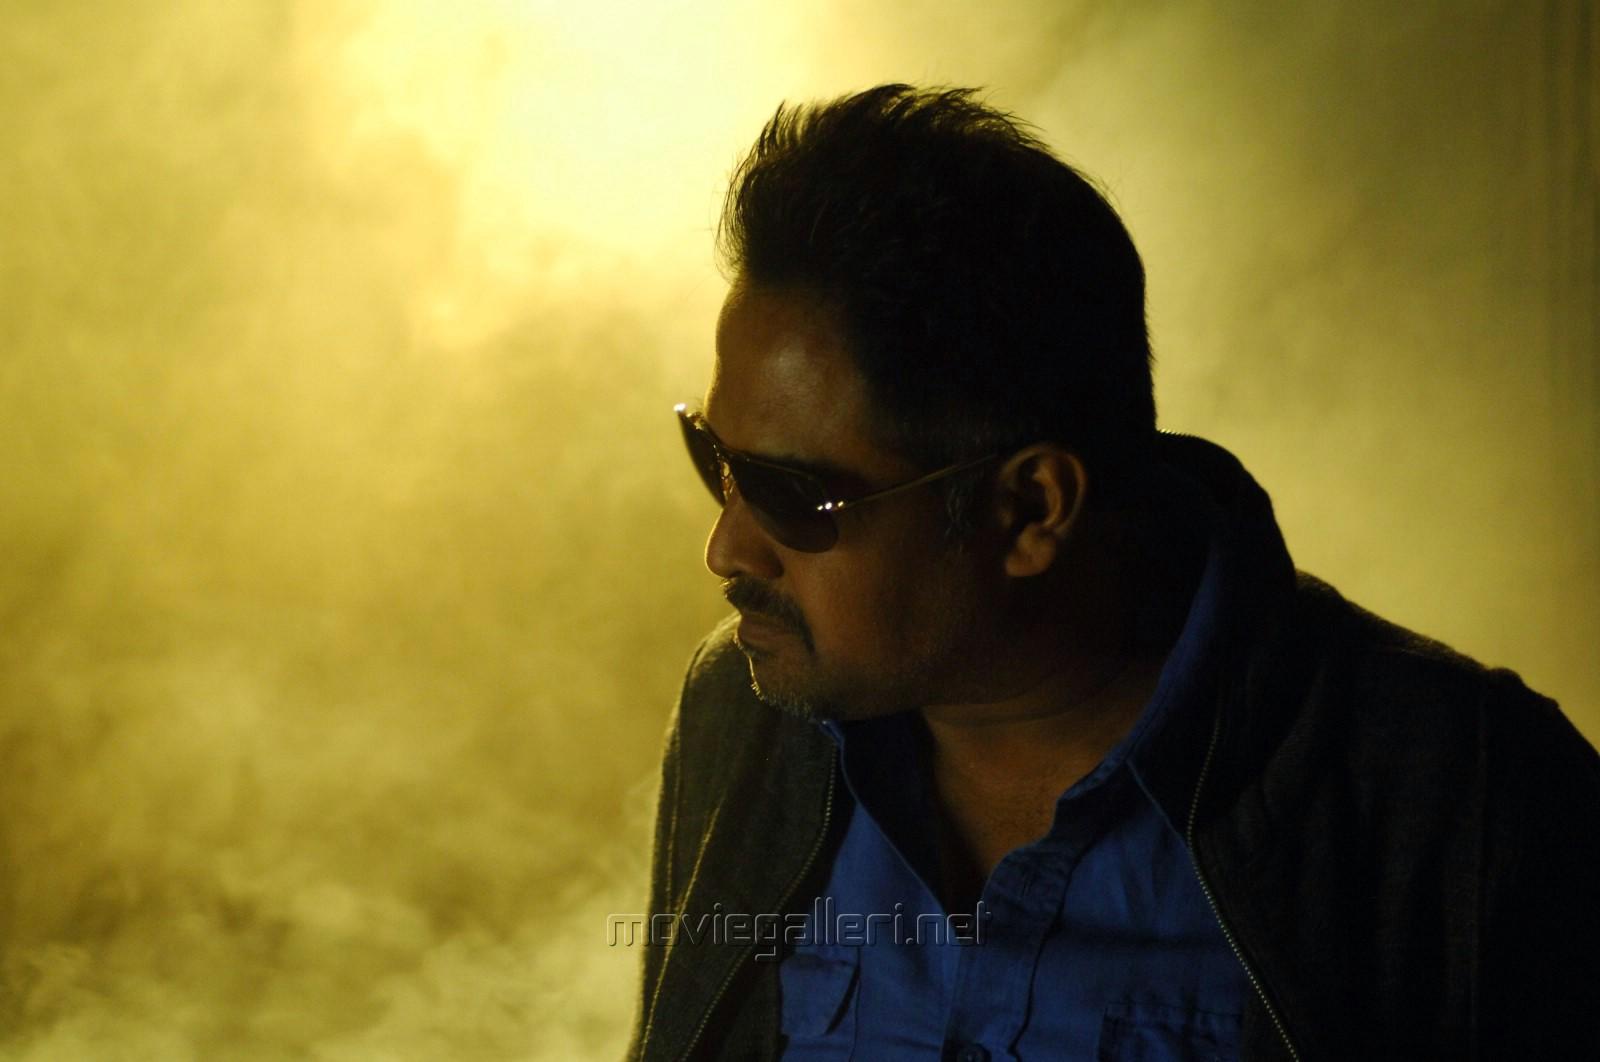 anjaan tamil movie image / rambo 1 trailer german